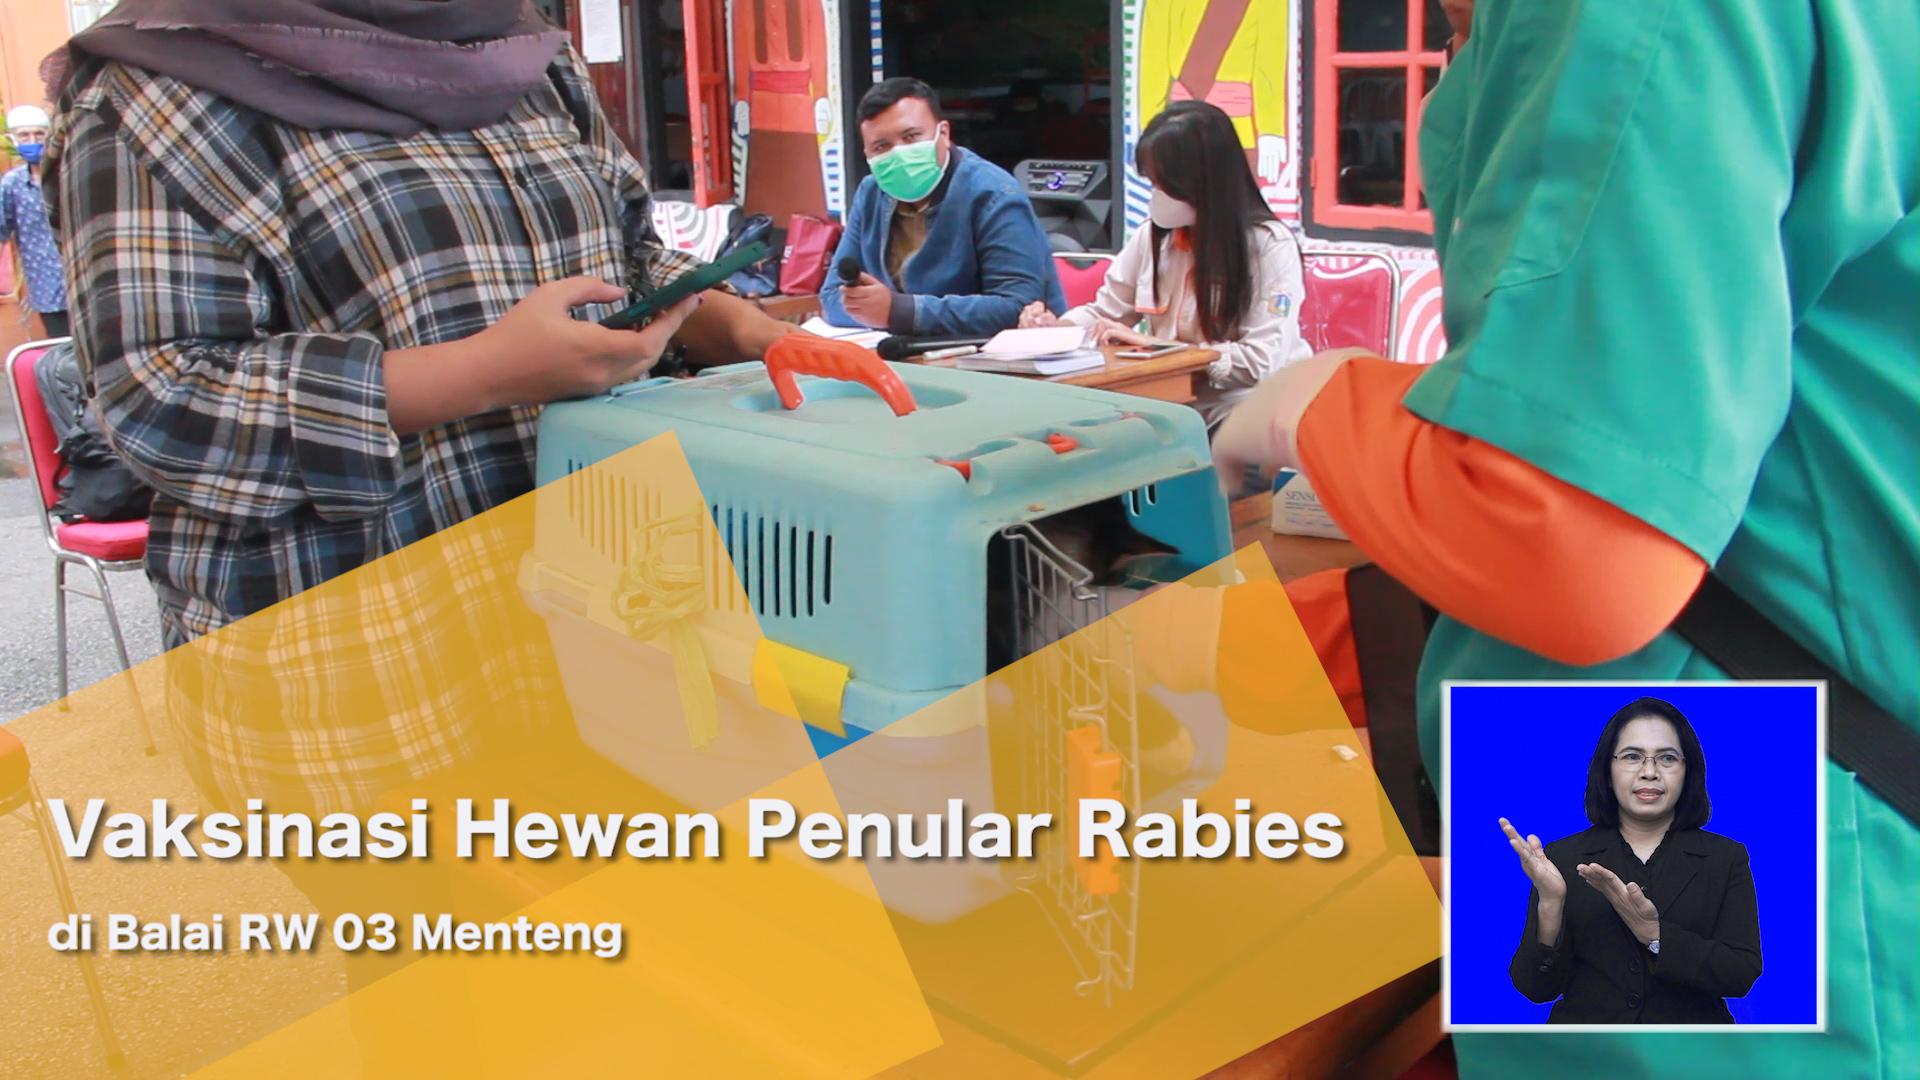 Vaksinasi Hewan Penular Rabies di Balai RW 03 Menteng